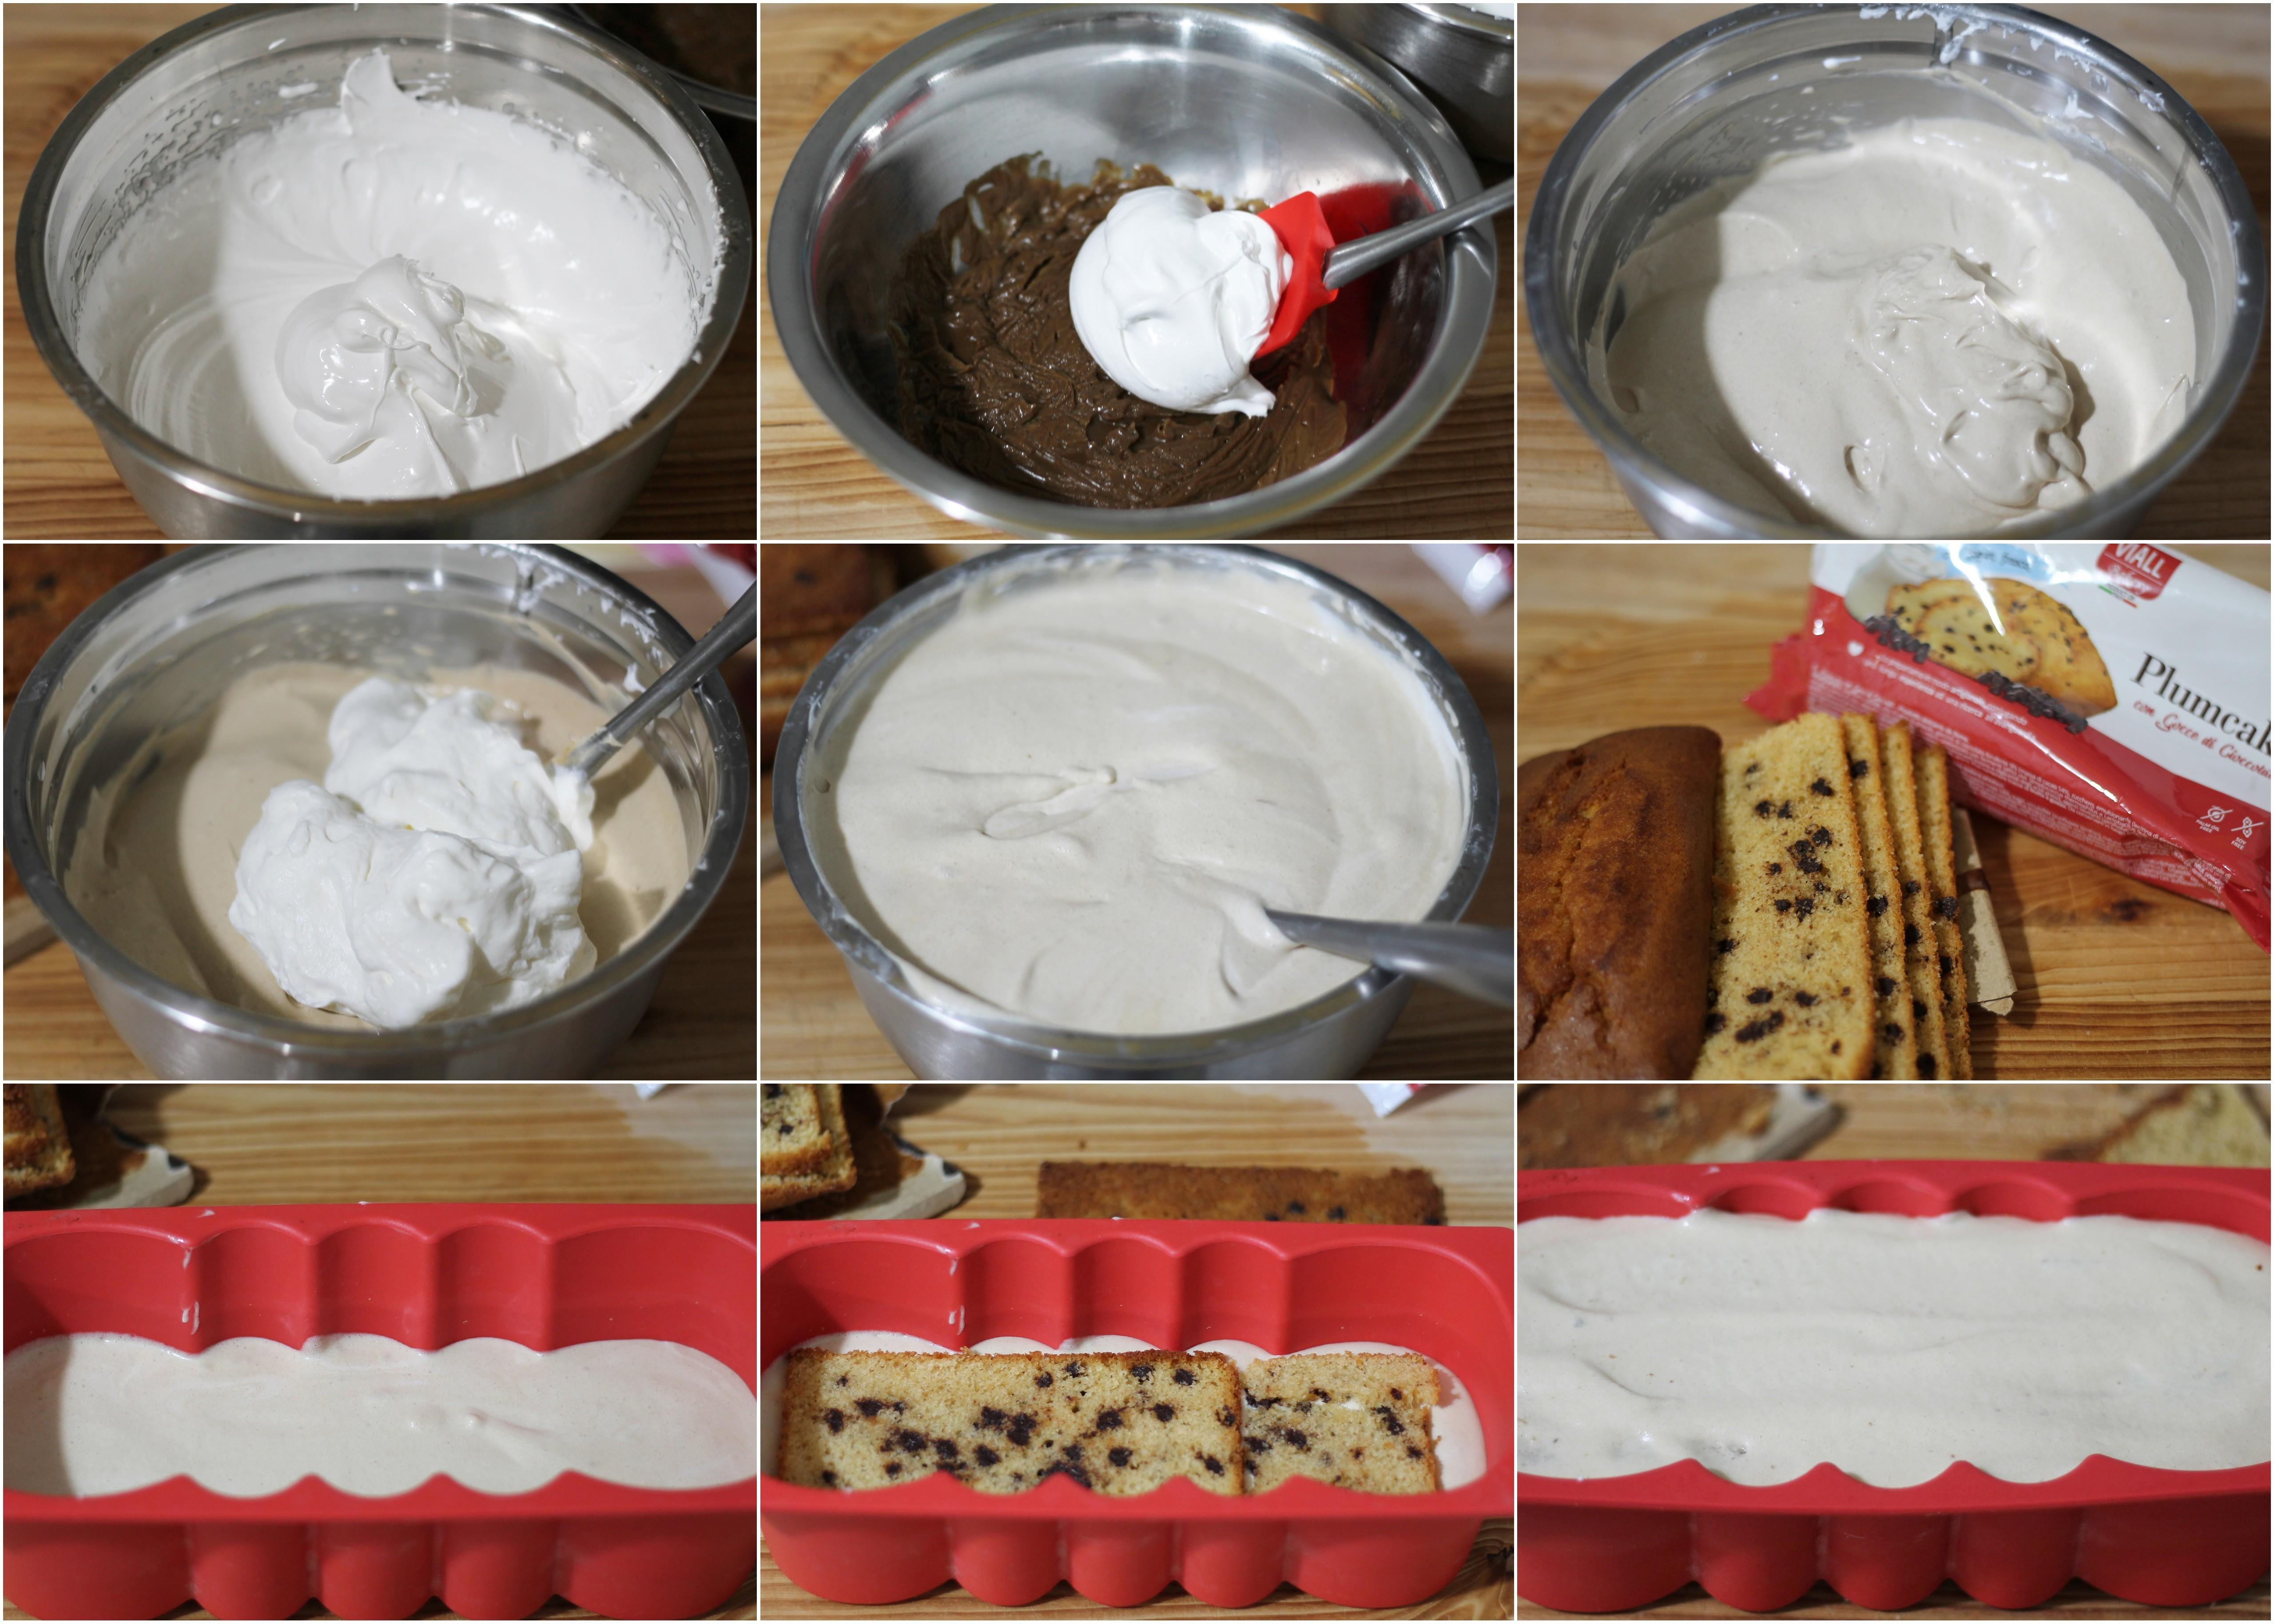 Tronchetto semifreddo al caffè senza glutine - La Cassata Celiaca